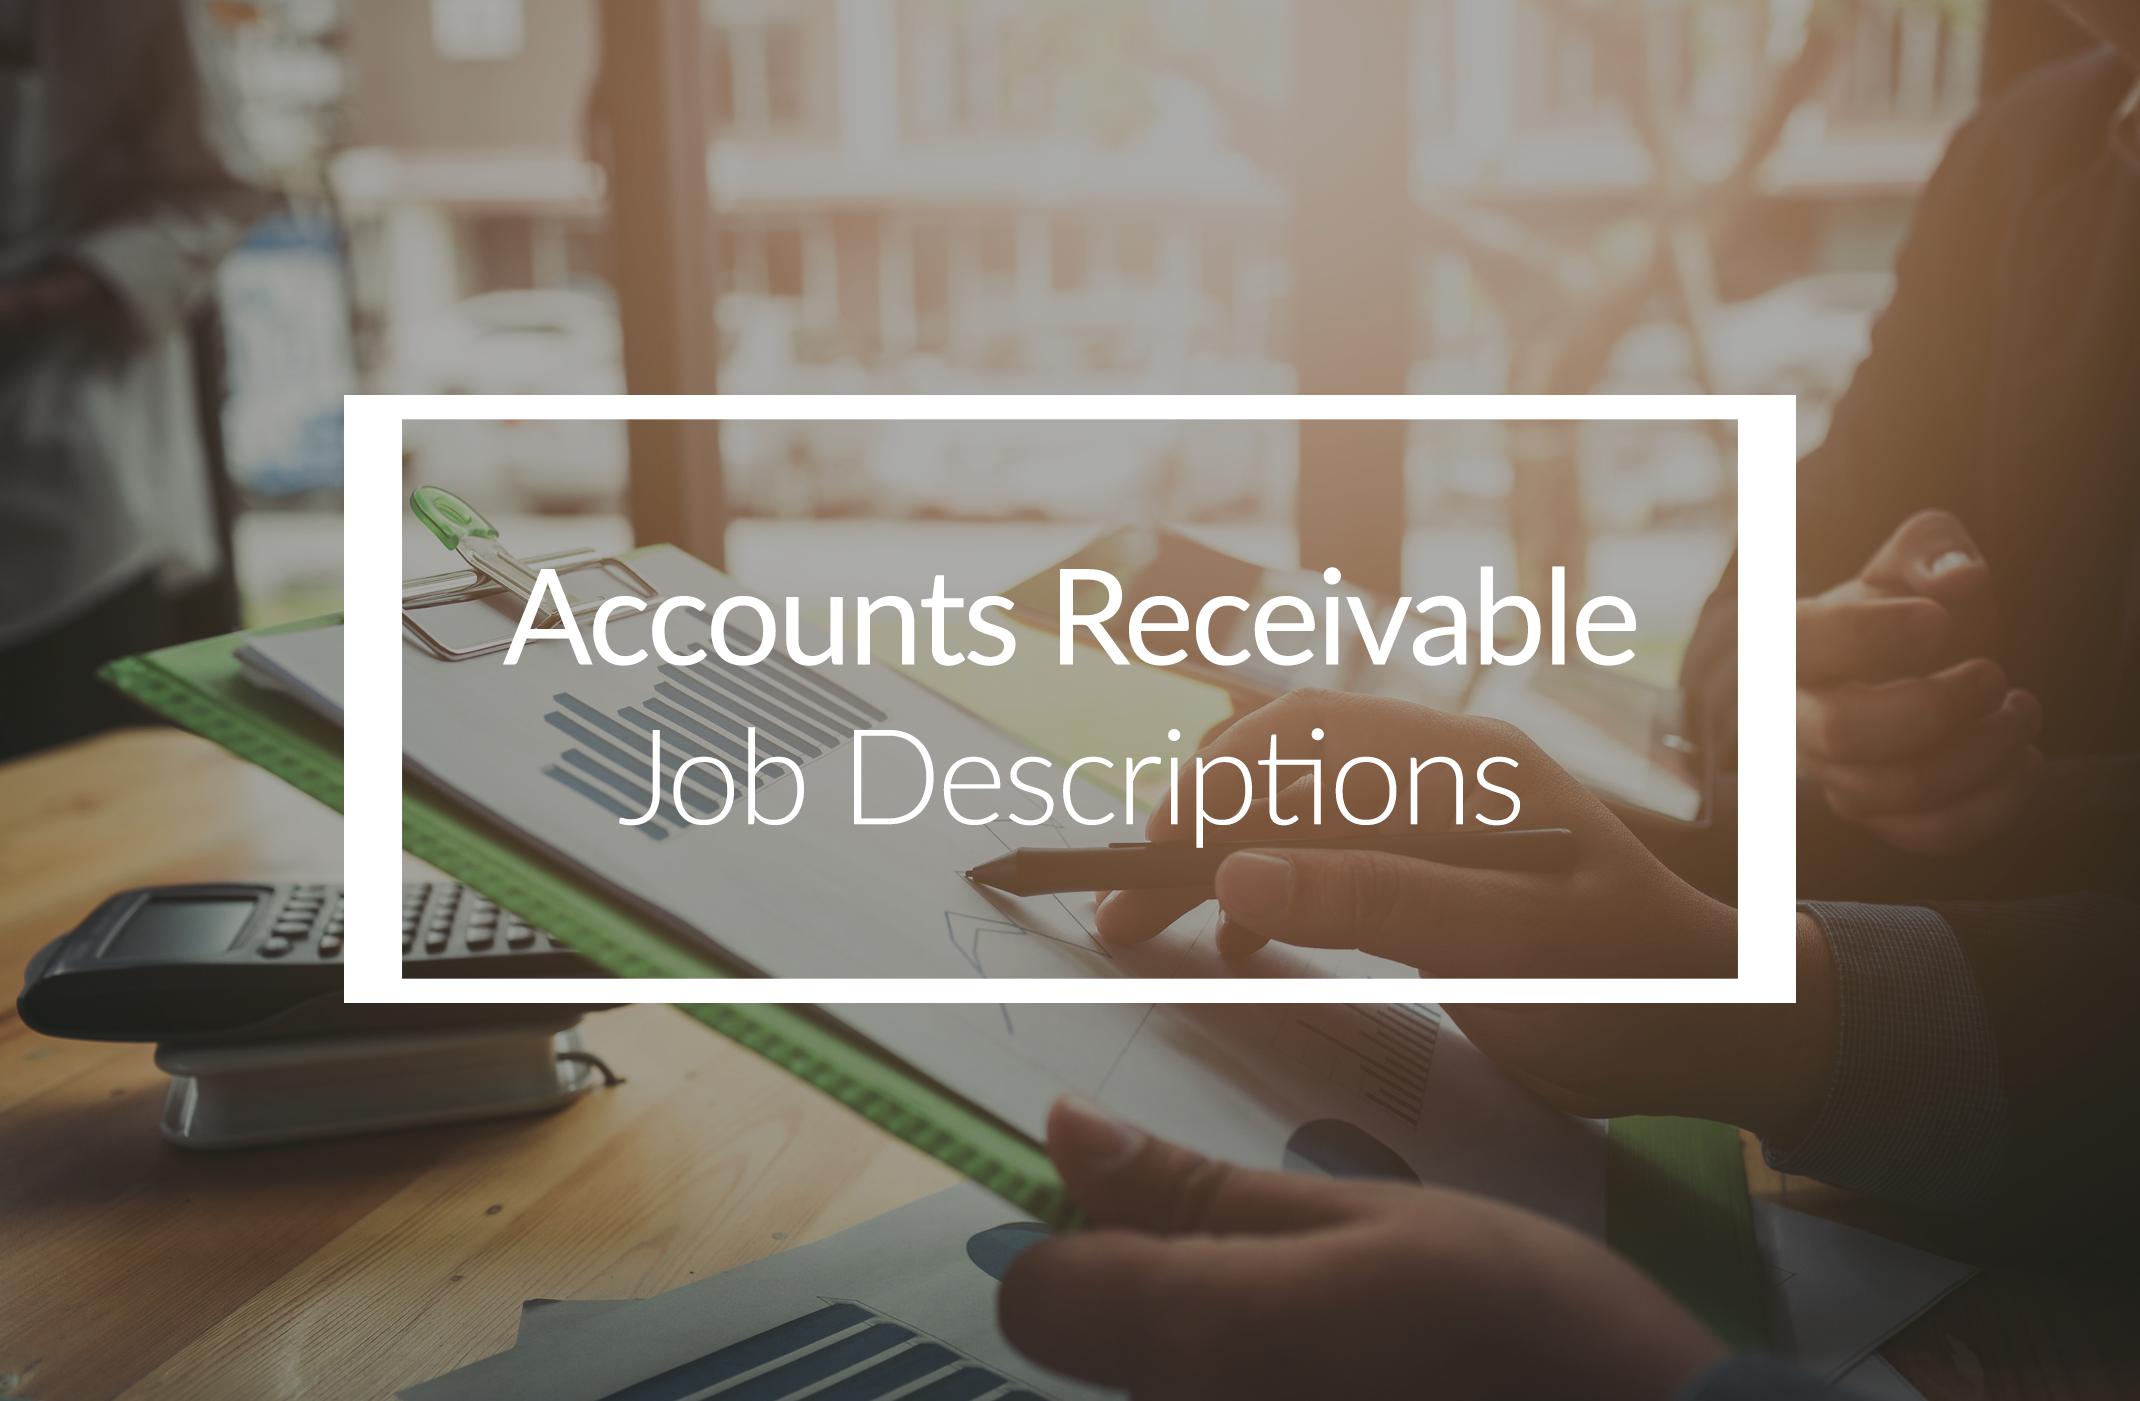 Accounts Receivable Job Descriptions